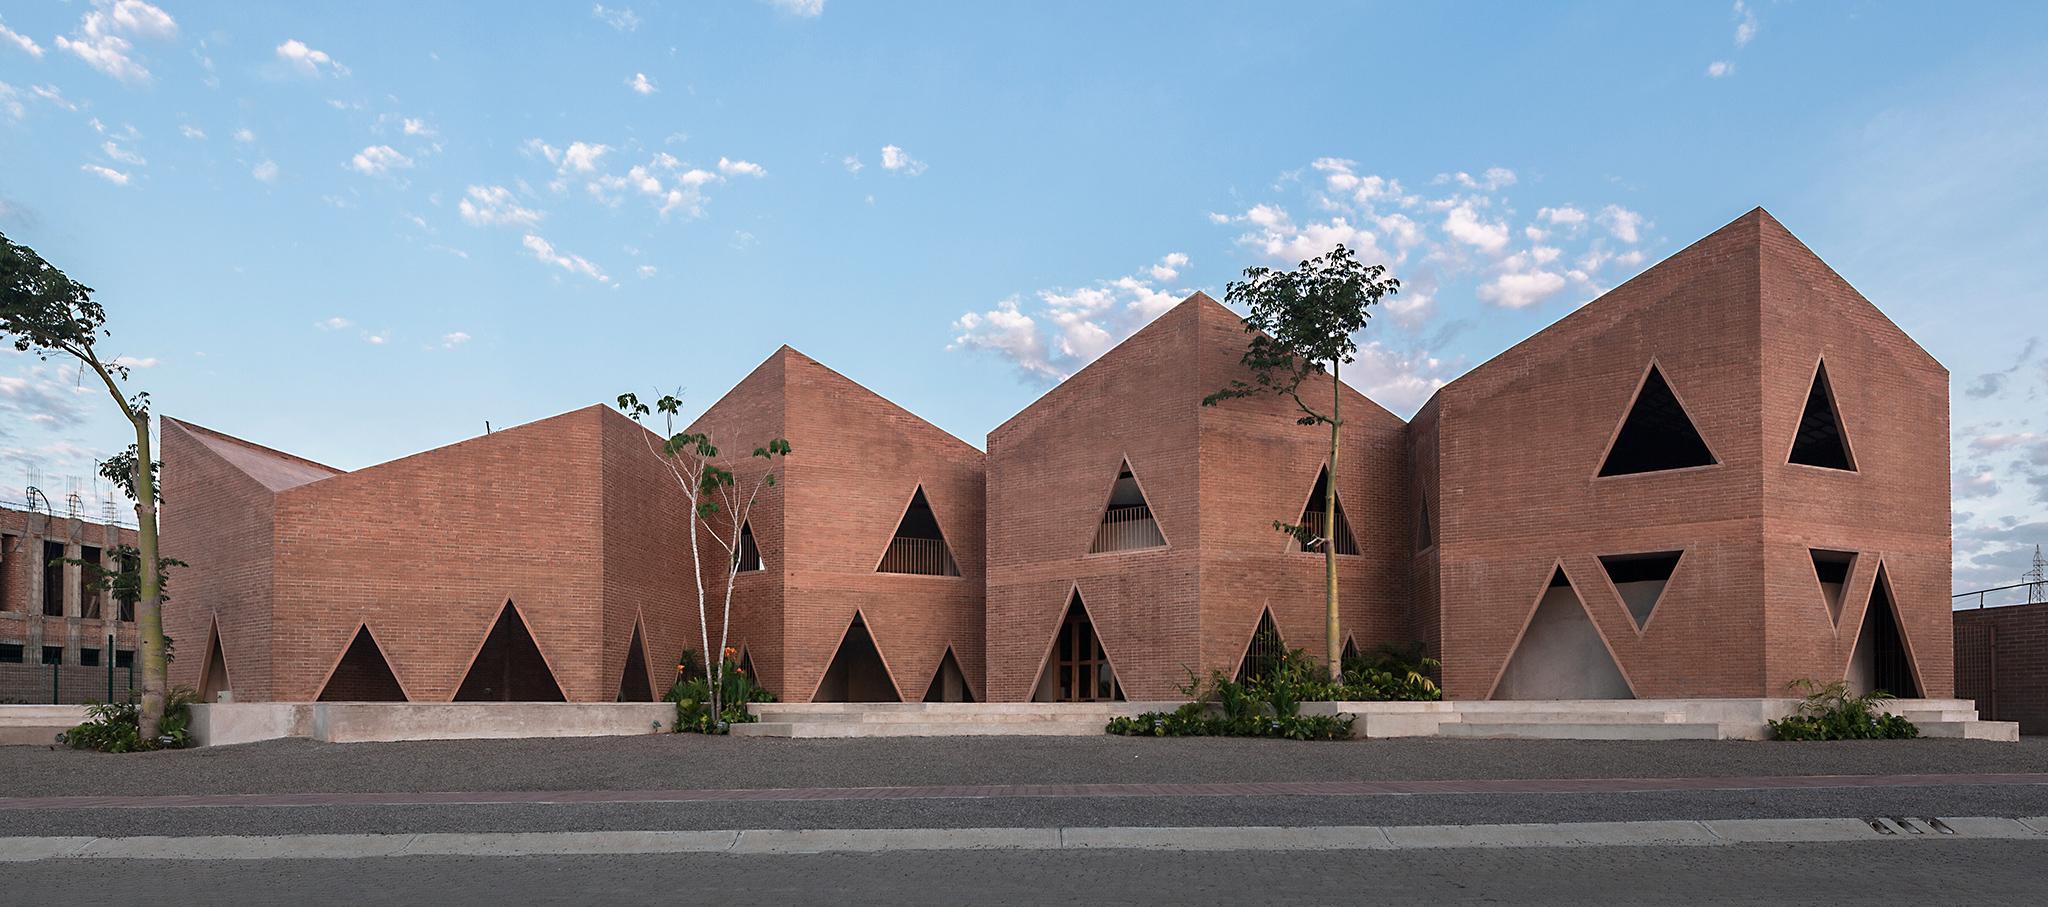 Colegio María Montessori por EPArquitectos y Estudio Macías Peredo. Fotografía © Onnis Luque